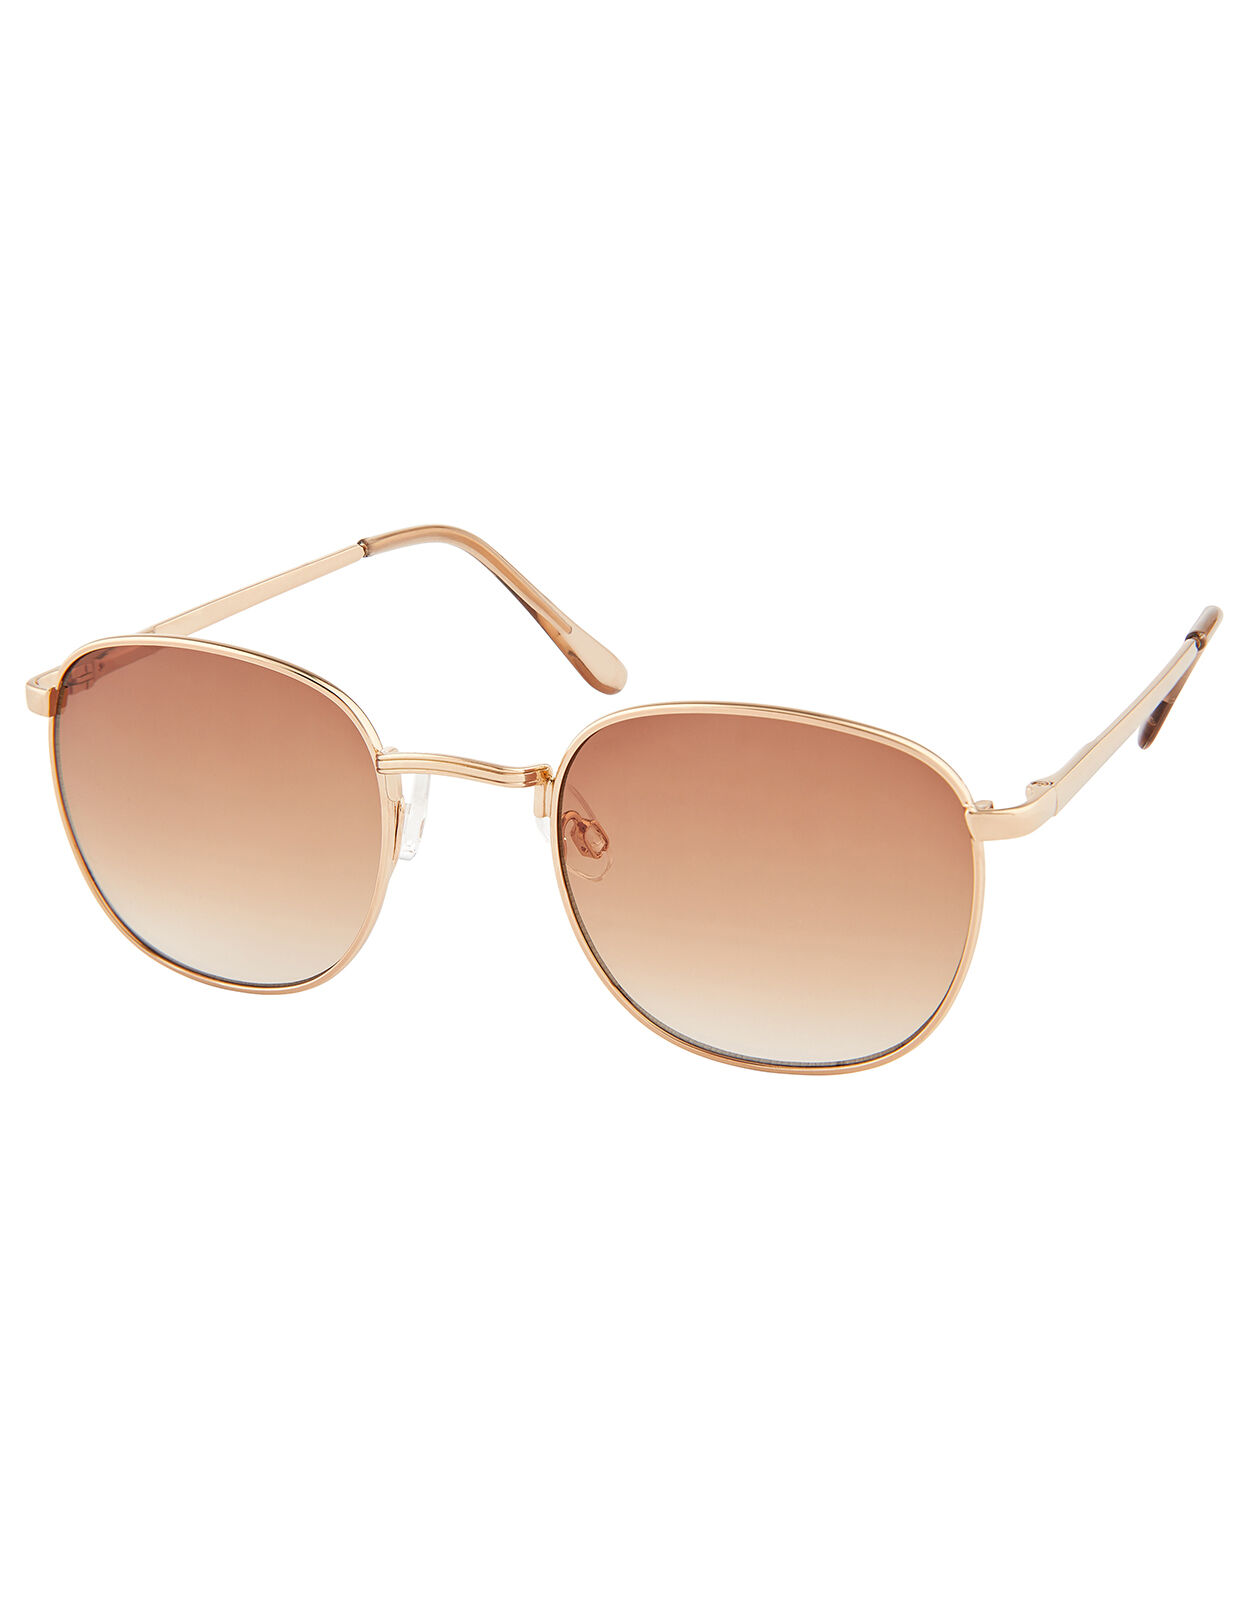 Large sunglasses Stock Photo Images. 1